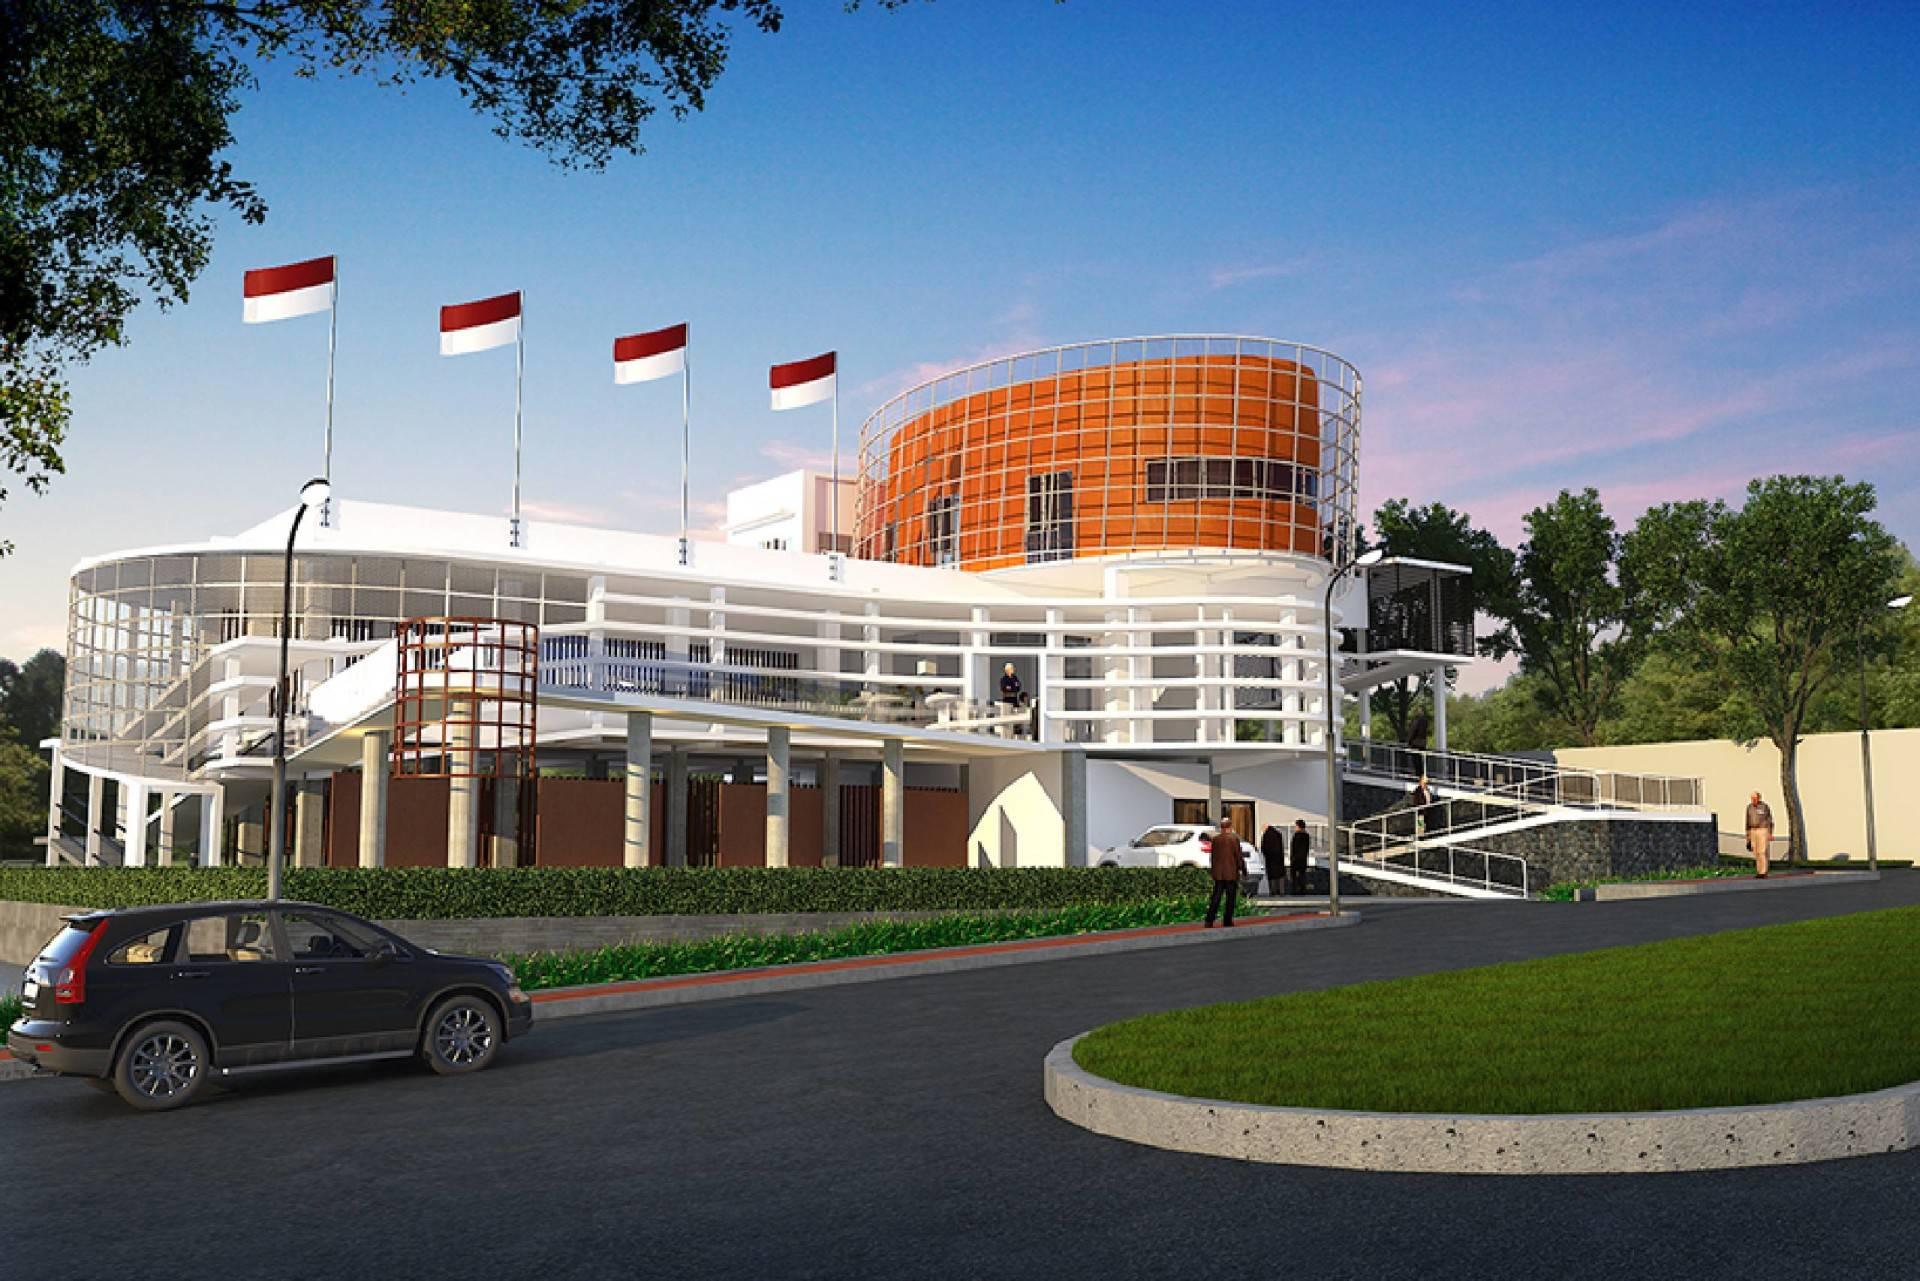 Haris Wibisono, Iai Veteran Building At Kota Batu Malang, East Java, Indonesia Malang, East Java, Indonesia Veteran-Buildingrender3   2532